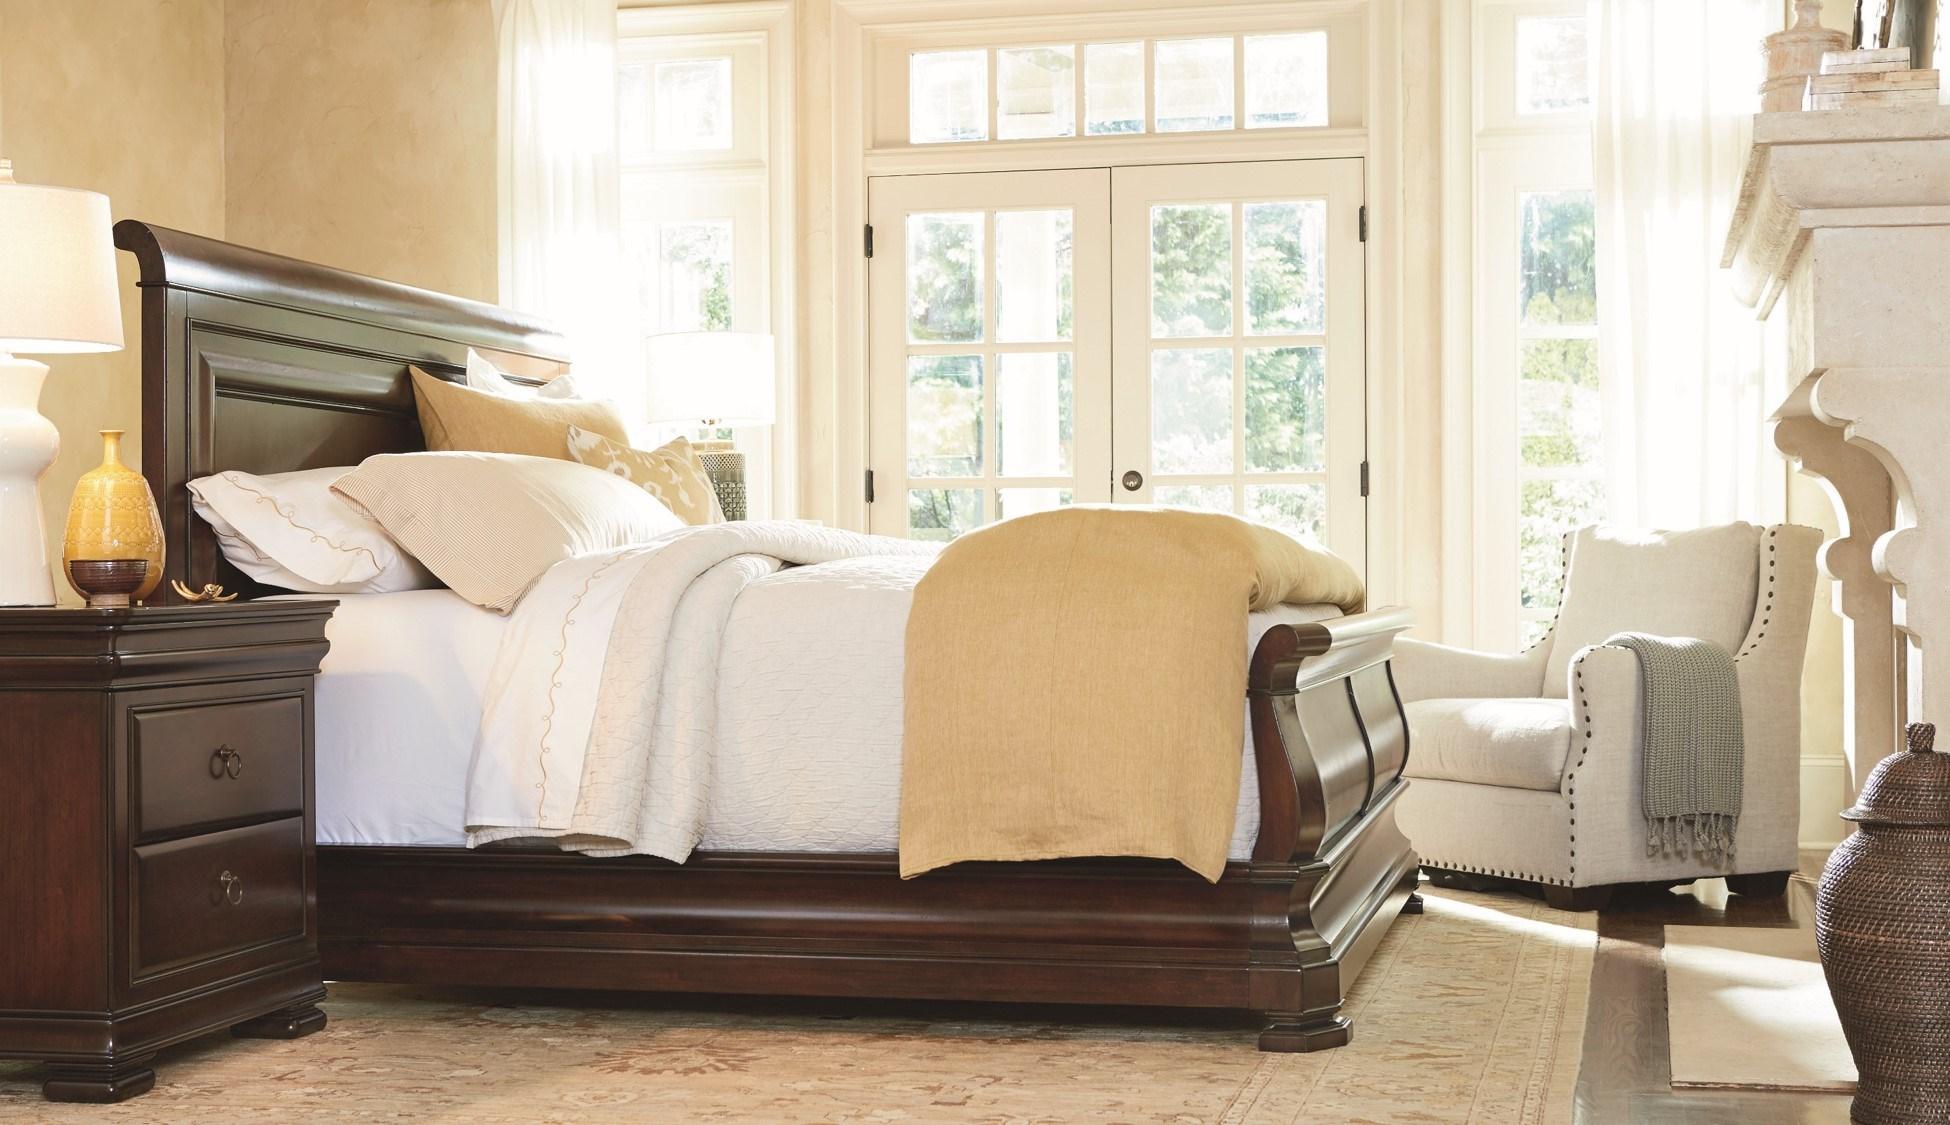 Universal Bedroom